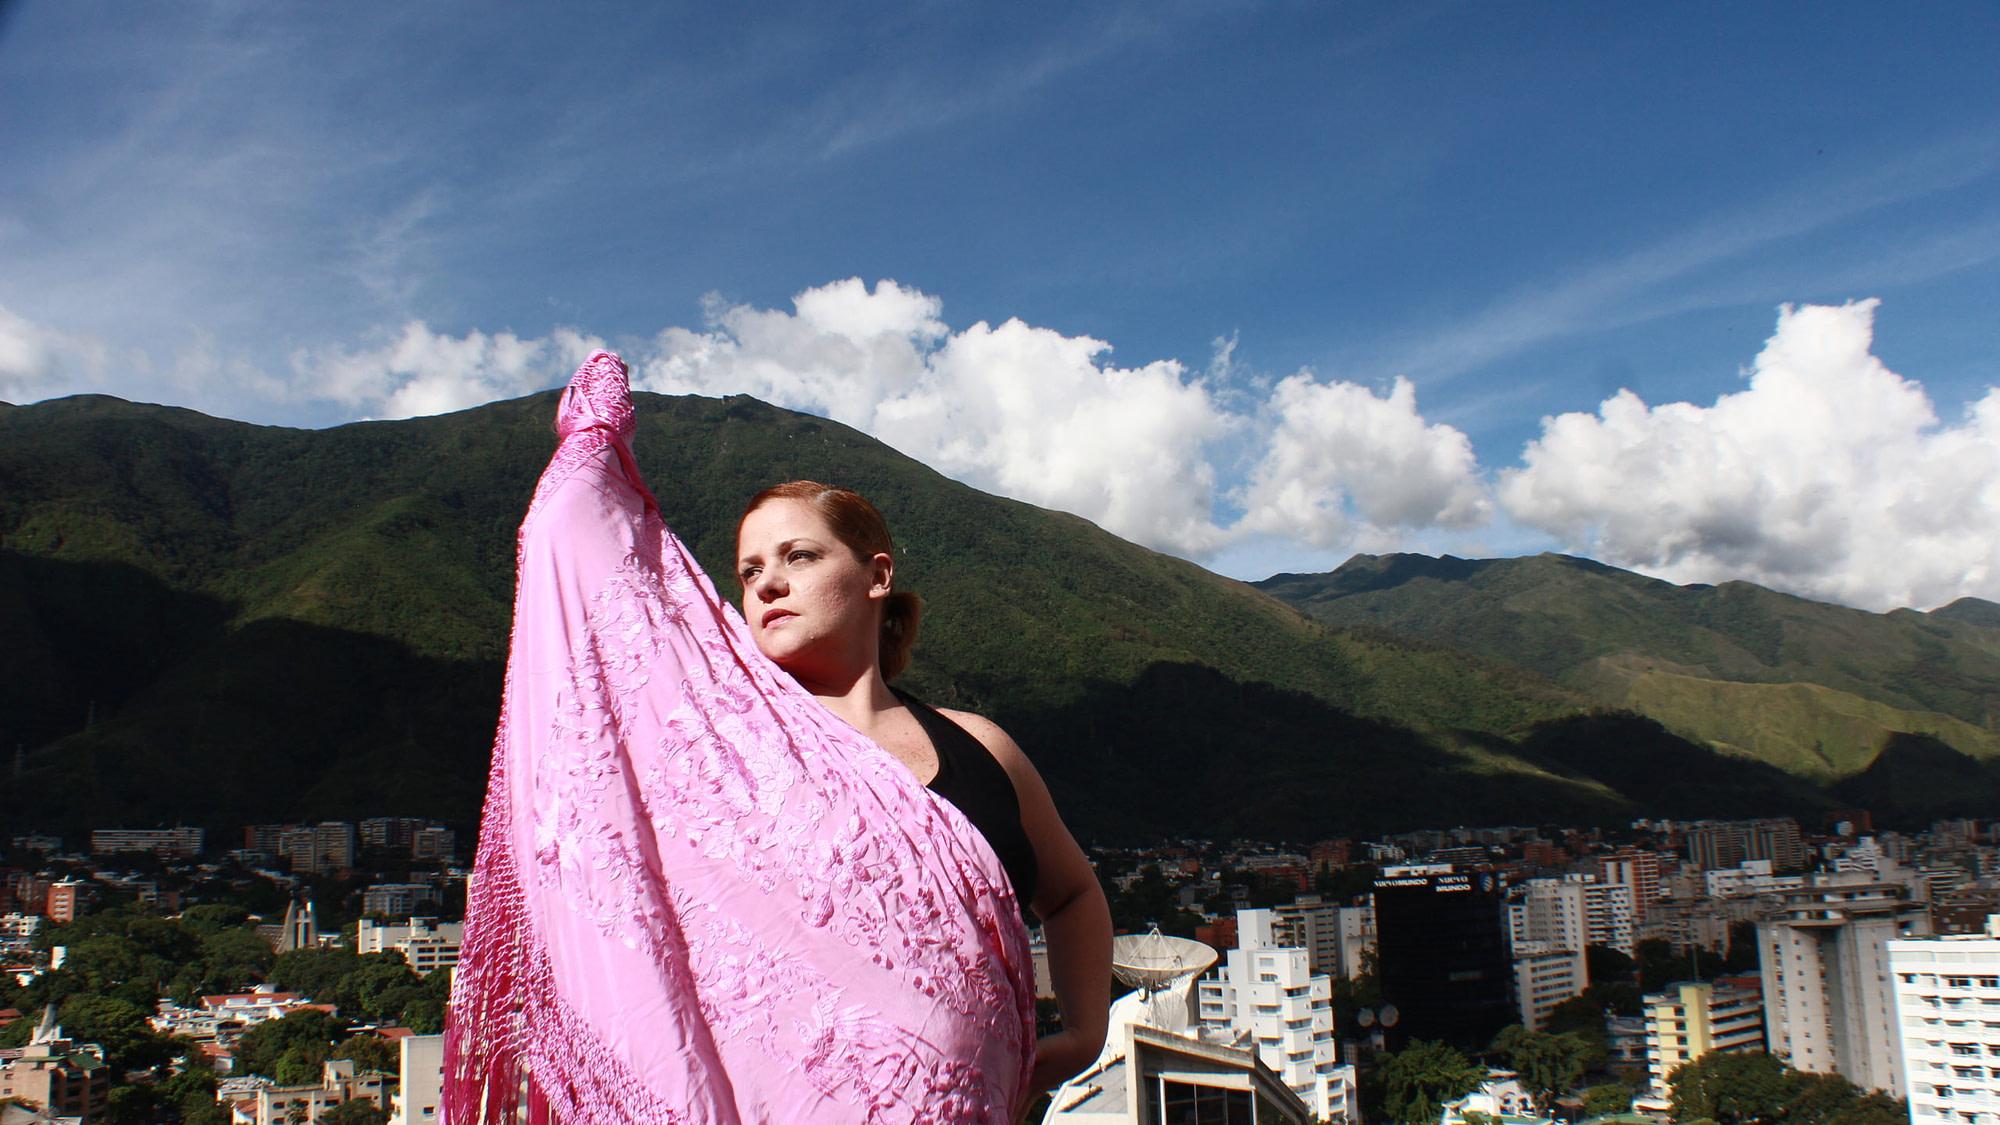 María Graciela posando con el manton frente al alvila